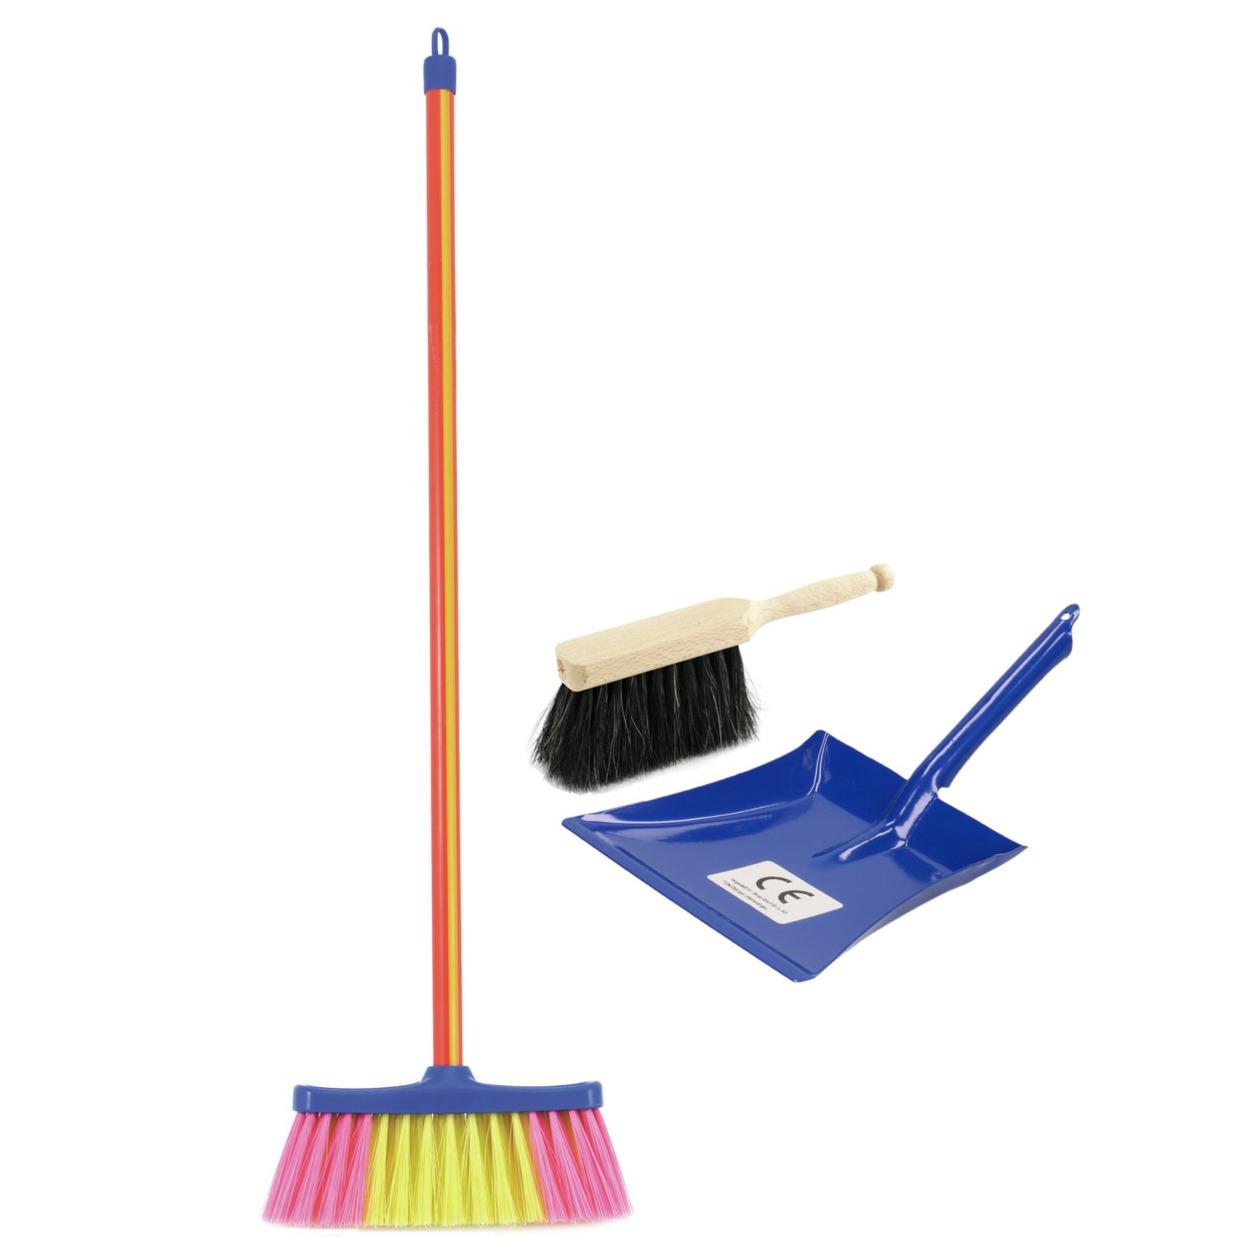 Speelgoed schoonmaak set stoffer en blik blauw met gekleurde bezem -